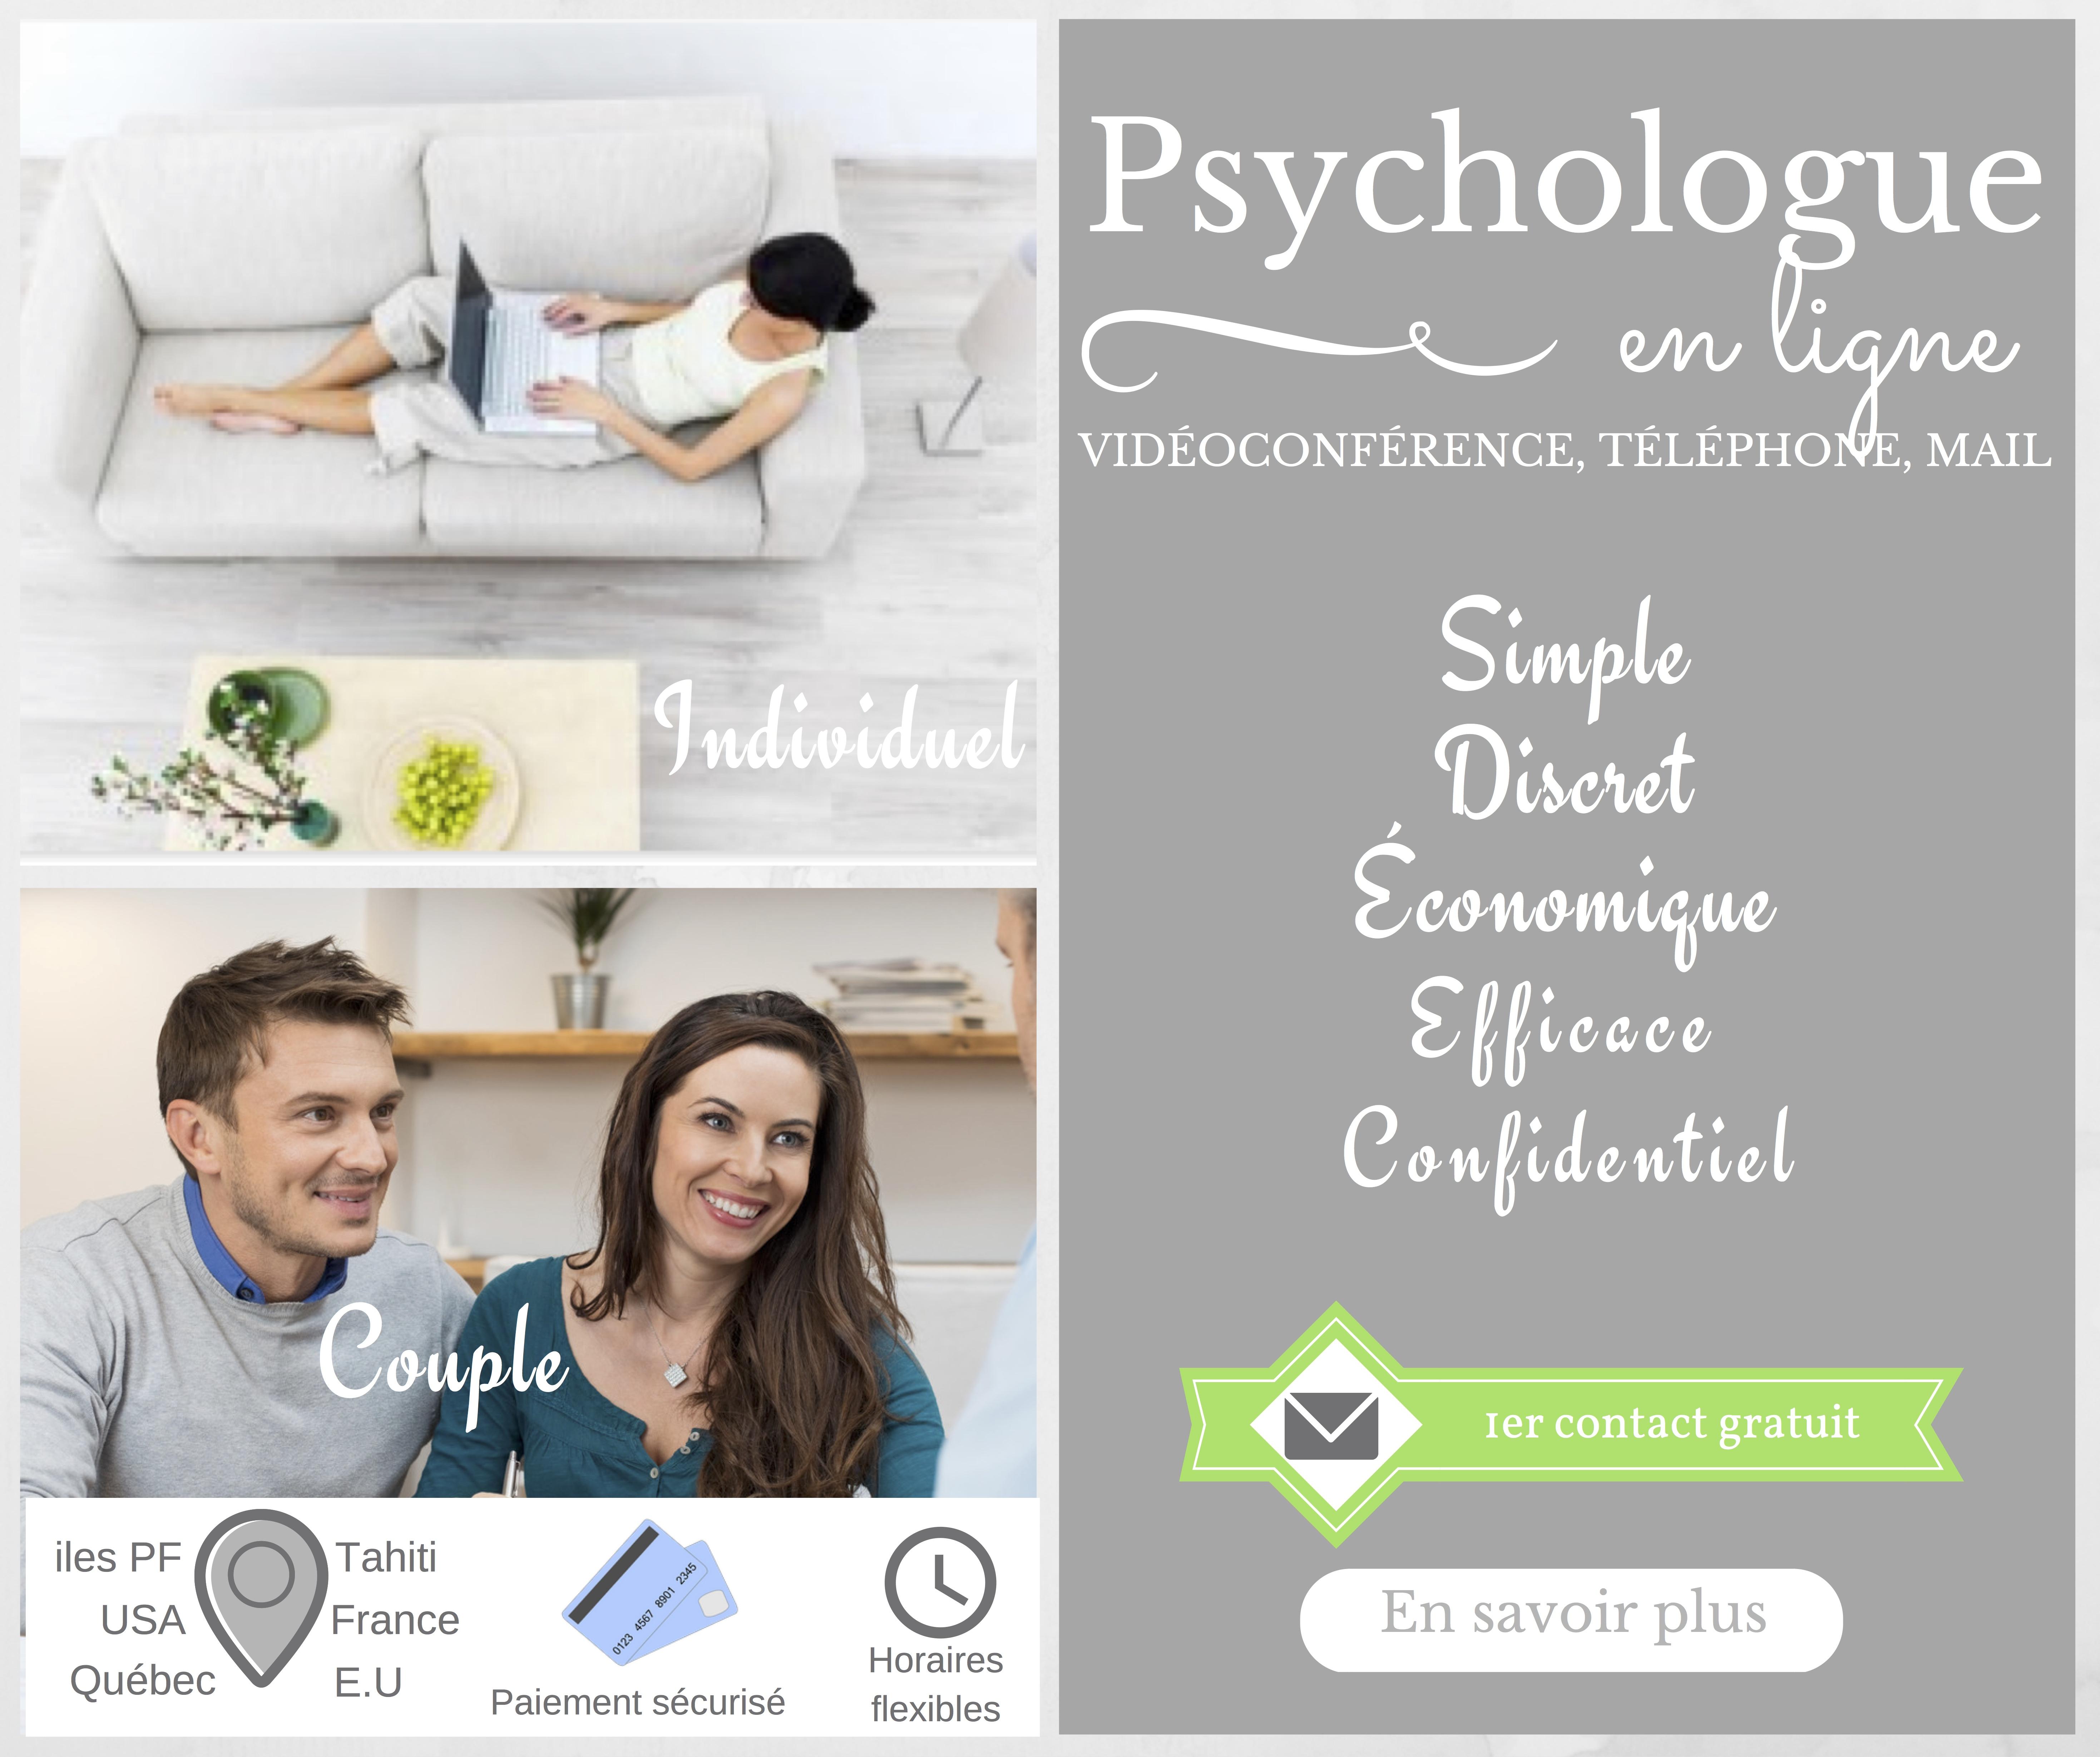 Psychologue en ligne - vidéoconférence, téléphone, mail